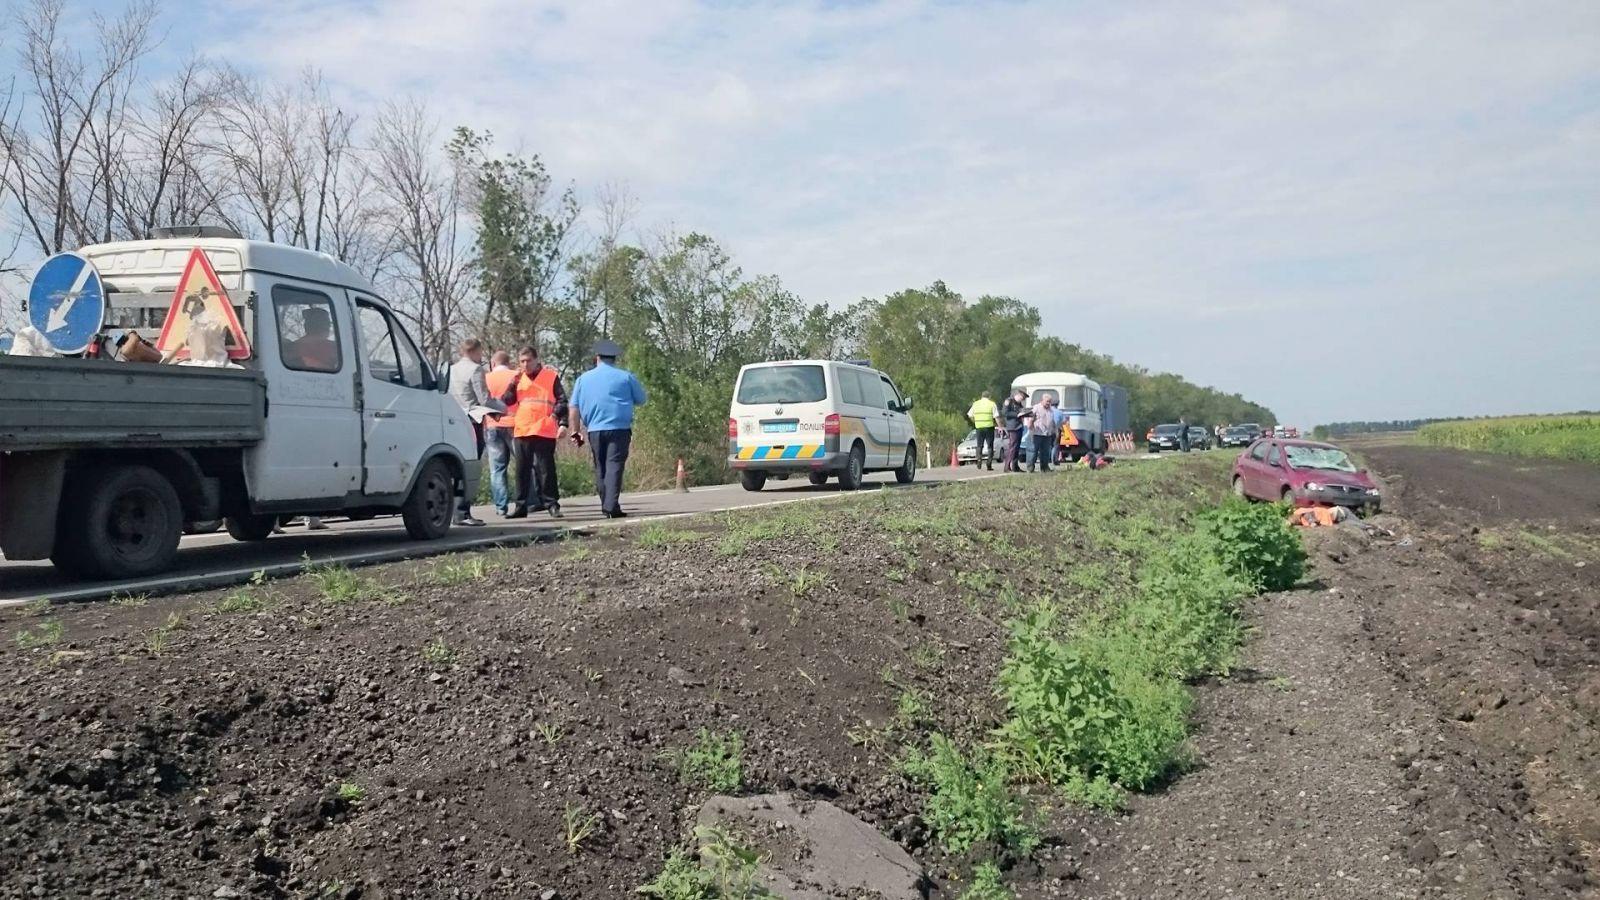 Опубліковані фото з місця кривавої аварії на Харківщині  - фото 2